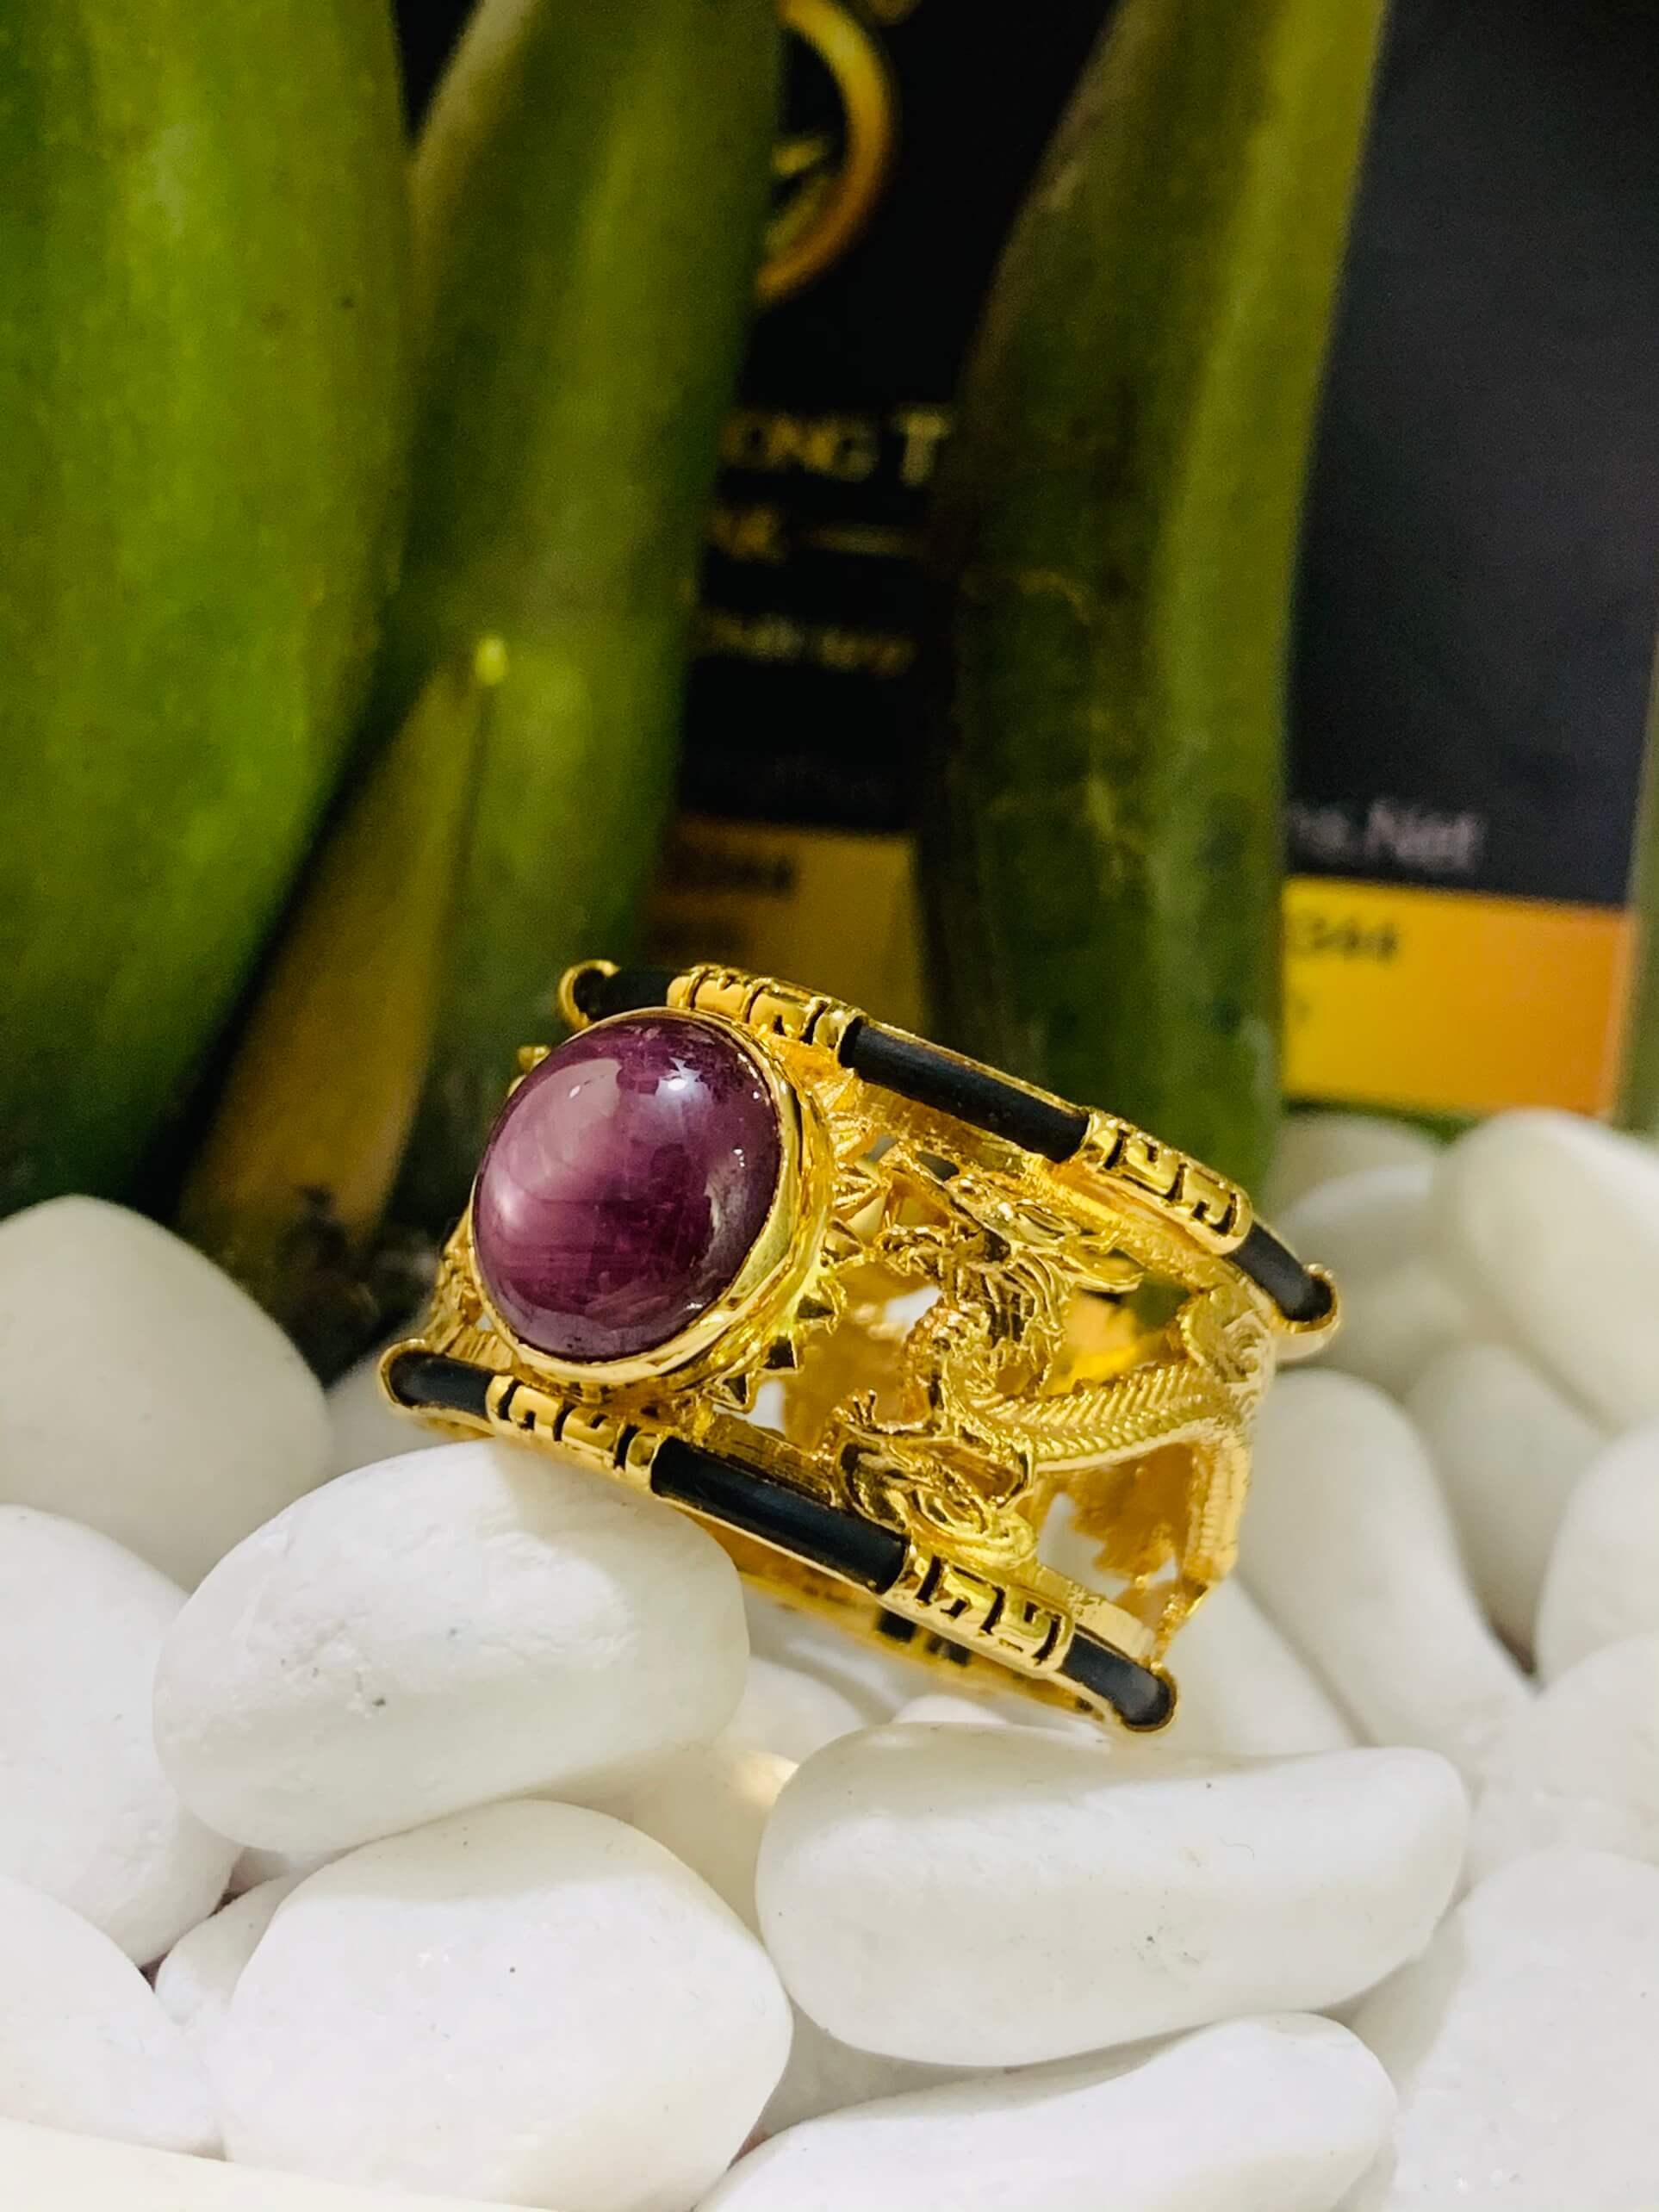 Nhẫn Rồng Rồng Ruby sao 2 viền vàng 18K đúc luồng lông FAKE bắt mắt ánh nhìn